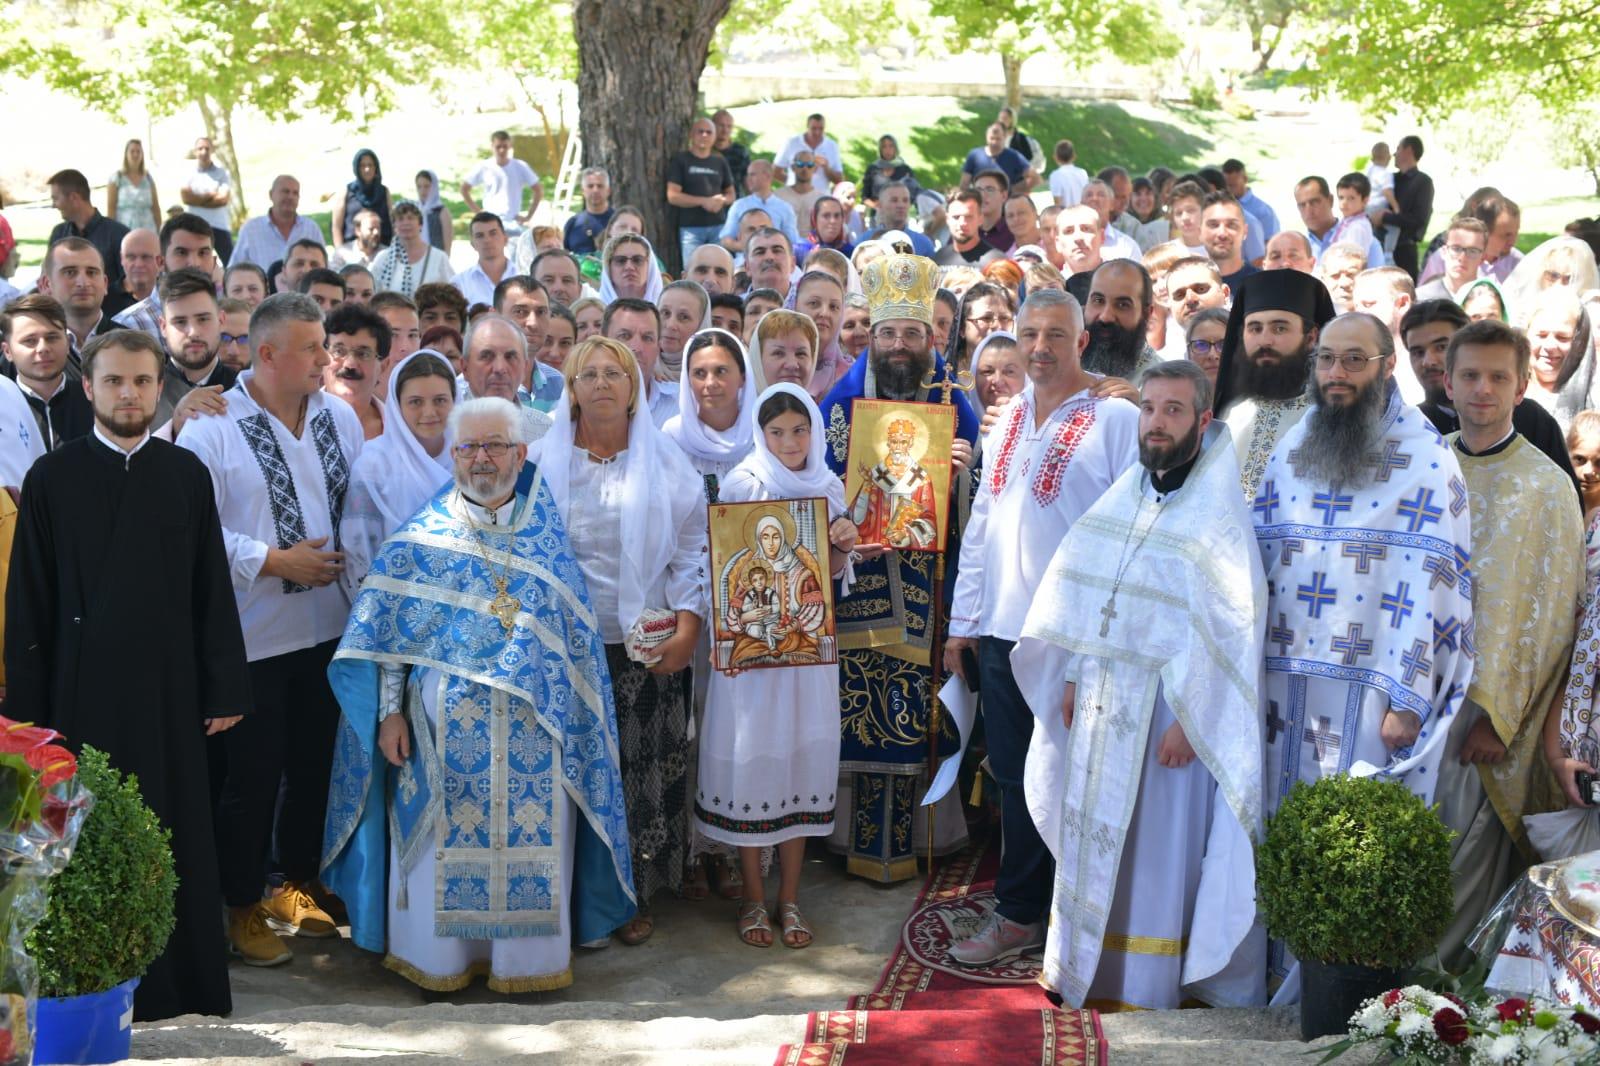 Primul hram al Mănăstirii Ortodoxe Române Adormirea Maicii Domnului – Aldeia de Santa Margarida, Portugalia